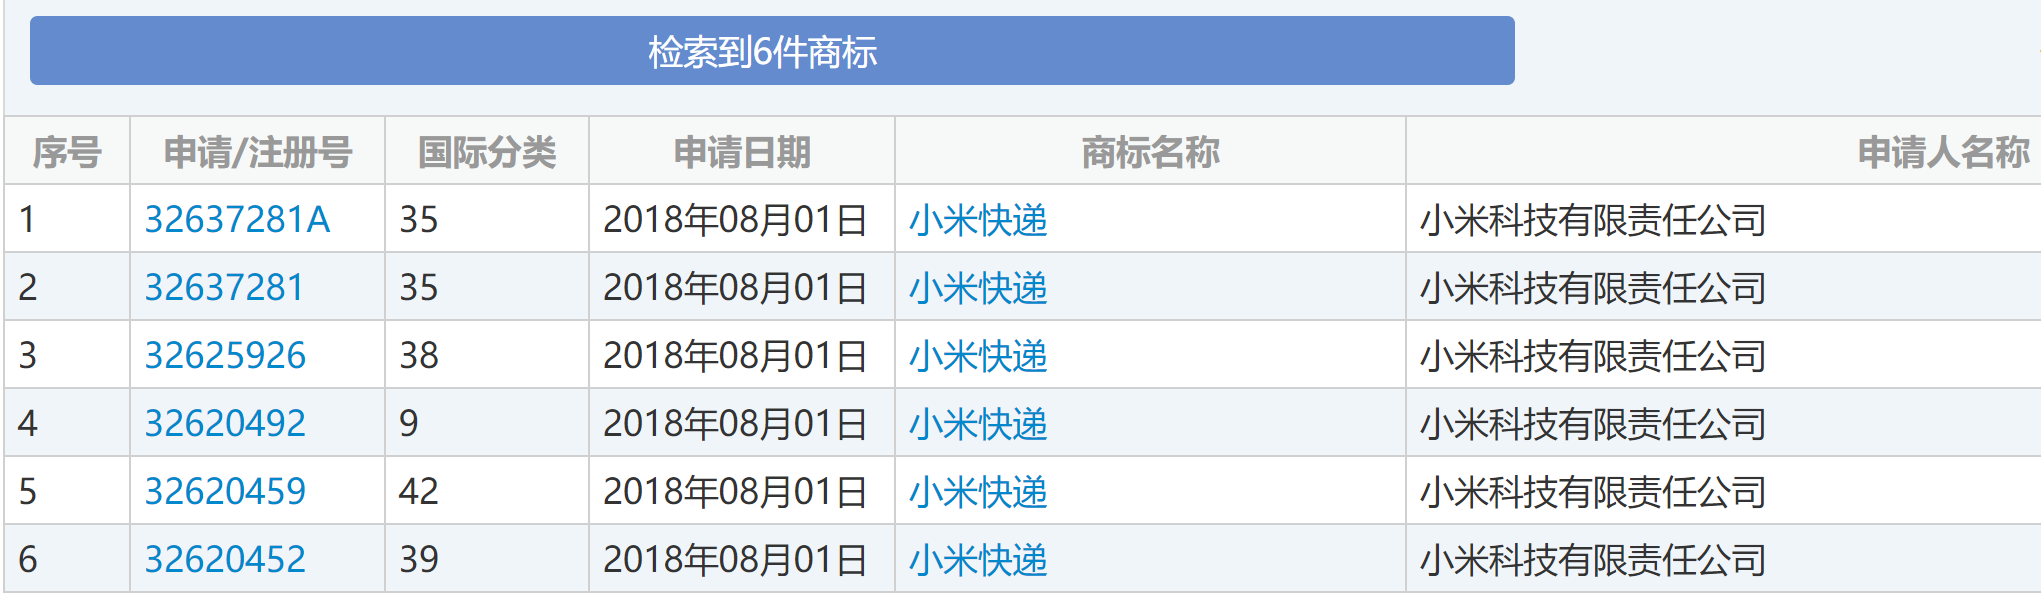 """小米成功注册""""小米快递""""商标 要自建物流?"""